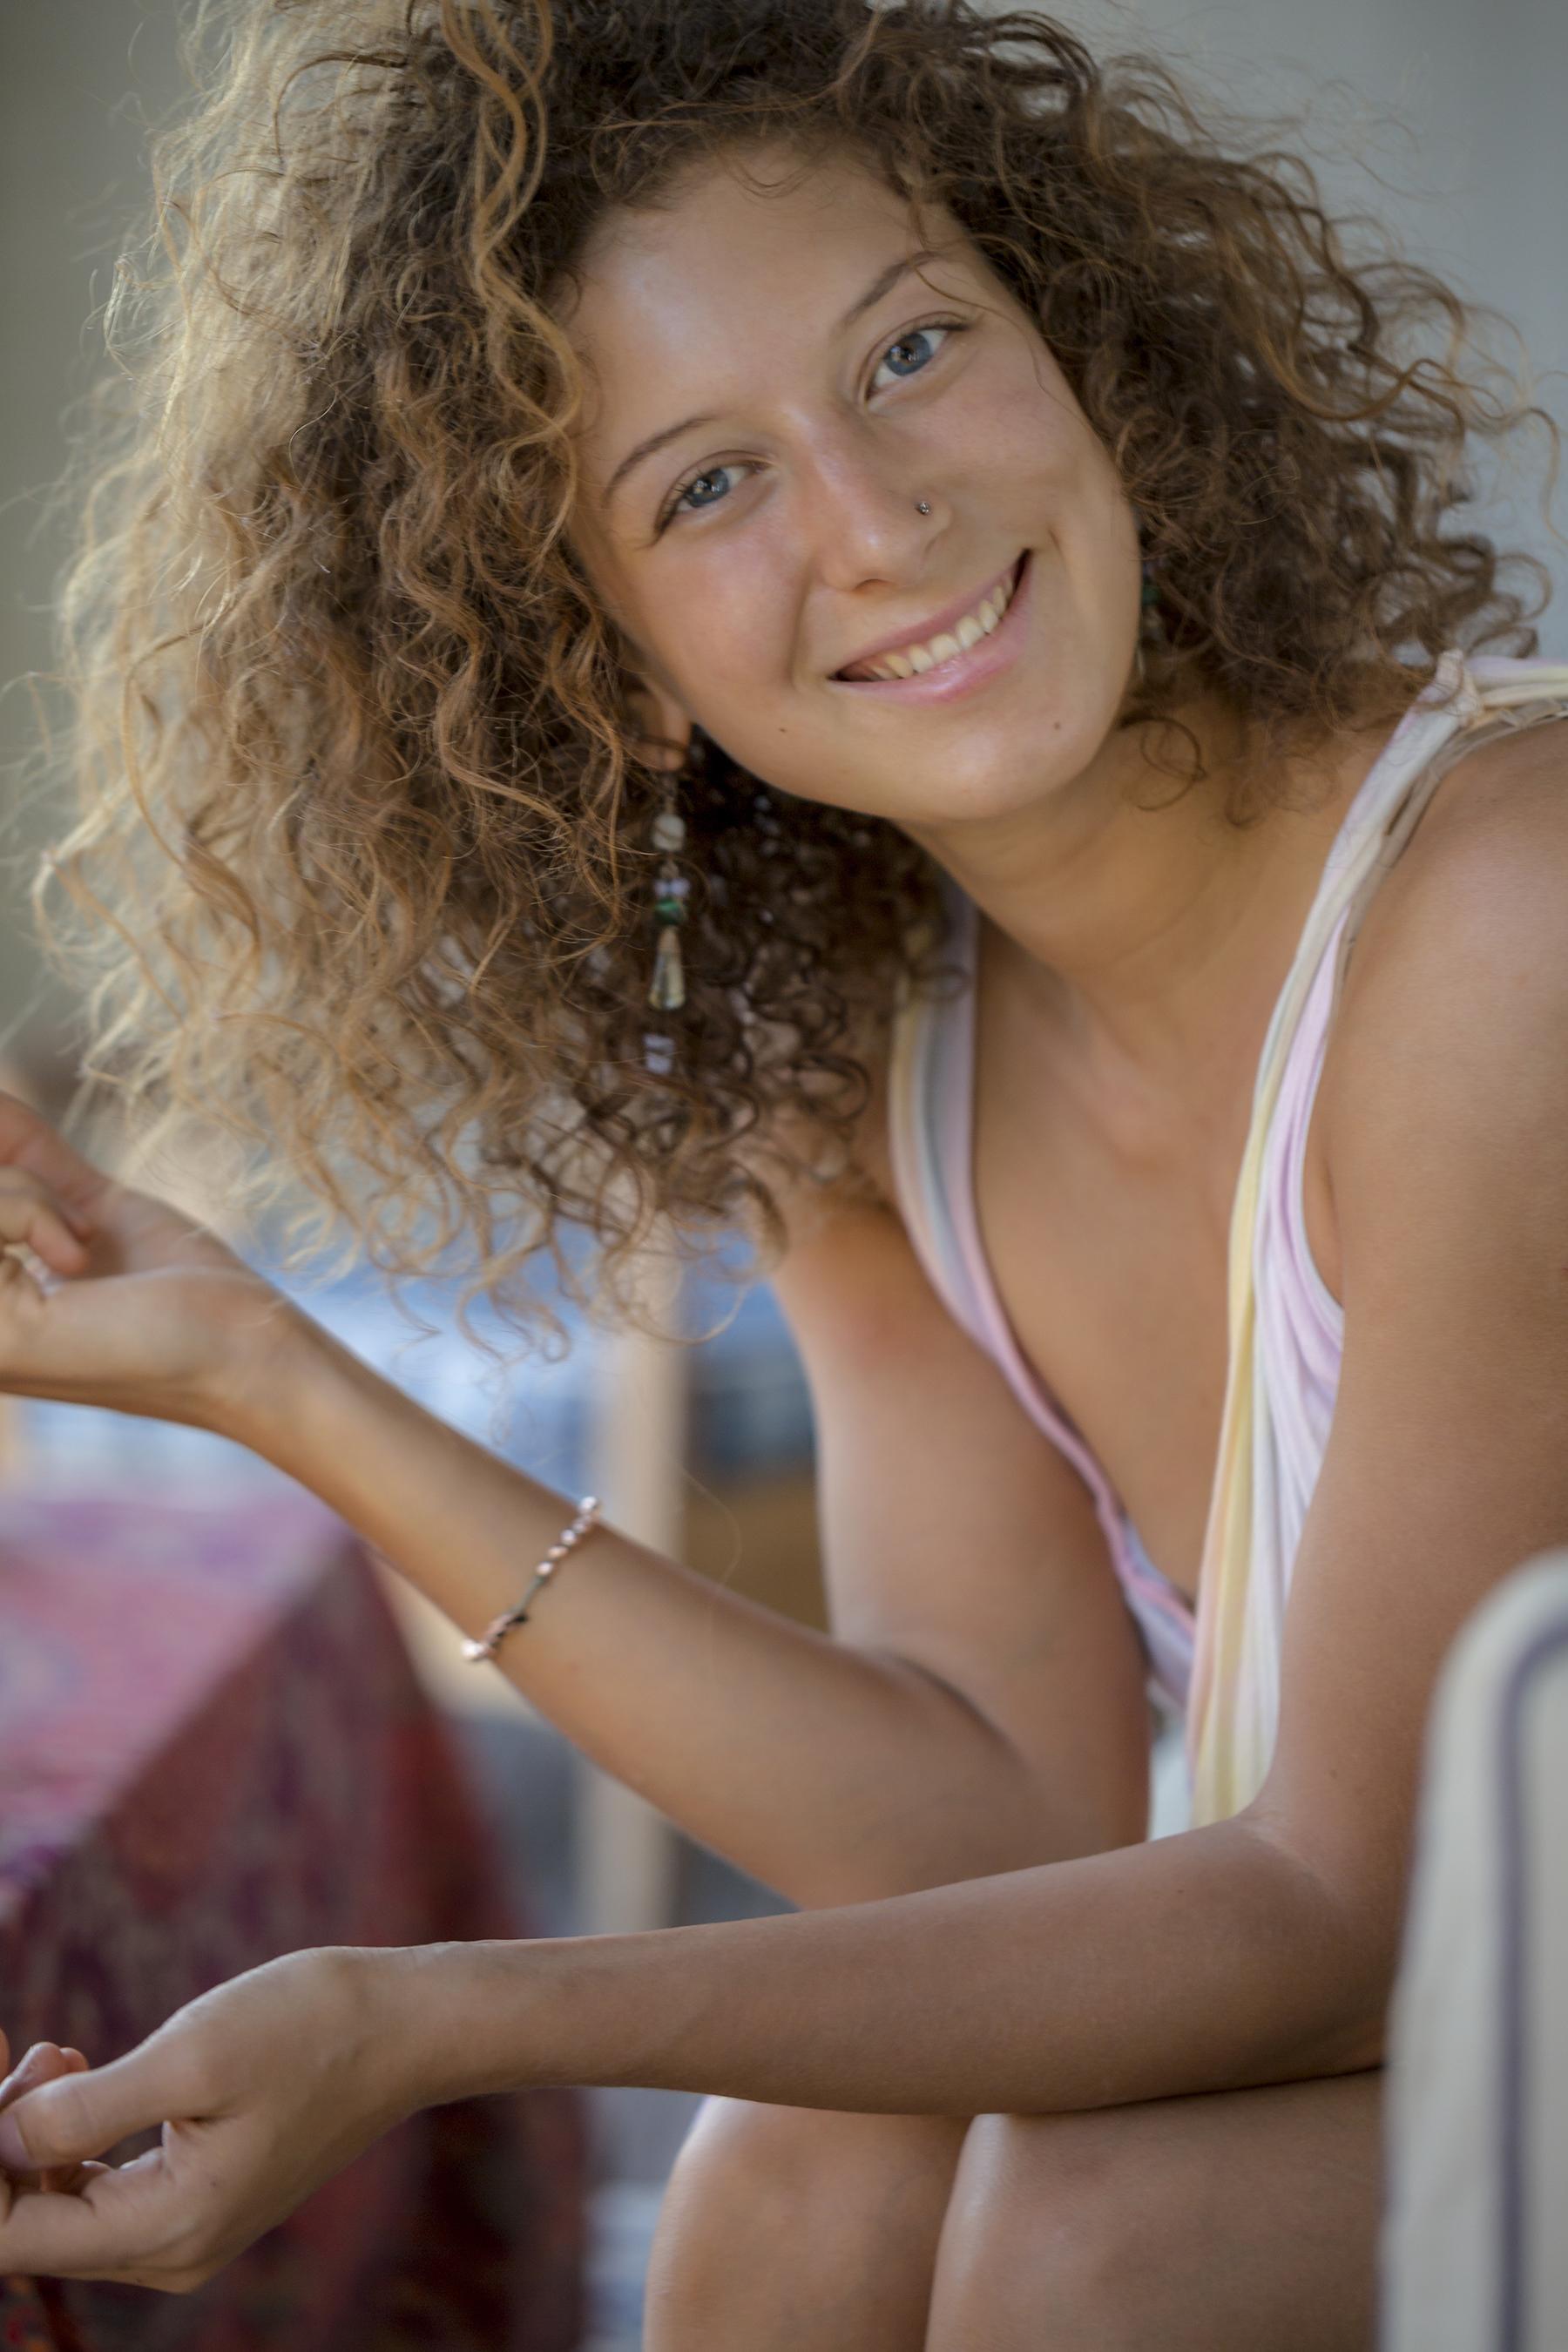 قابل ضيفتنا الكاتبة - ياسمين نظمي